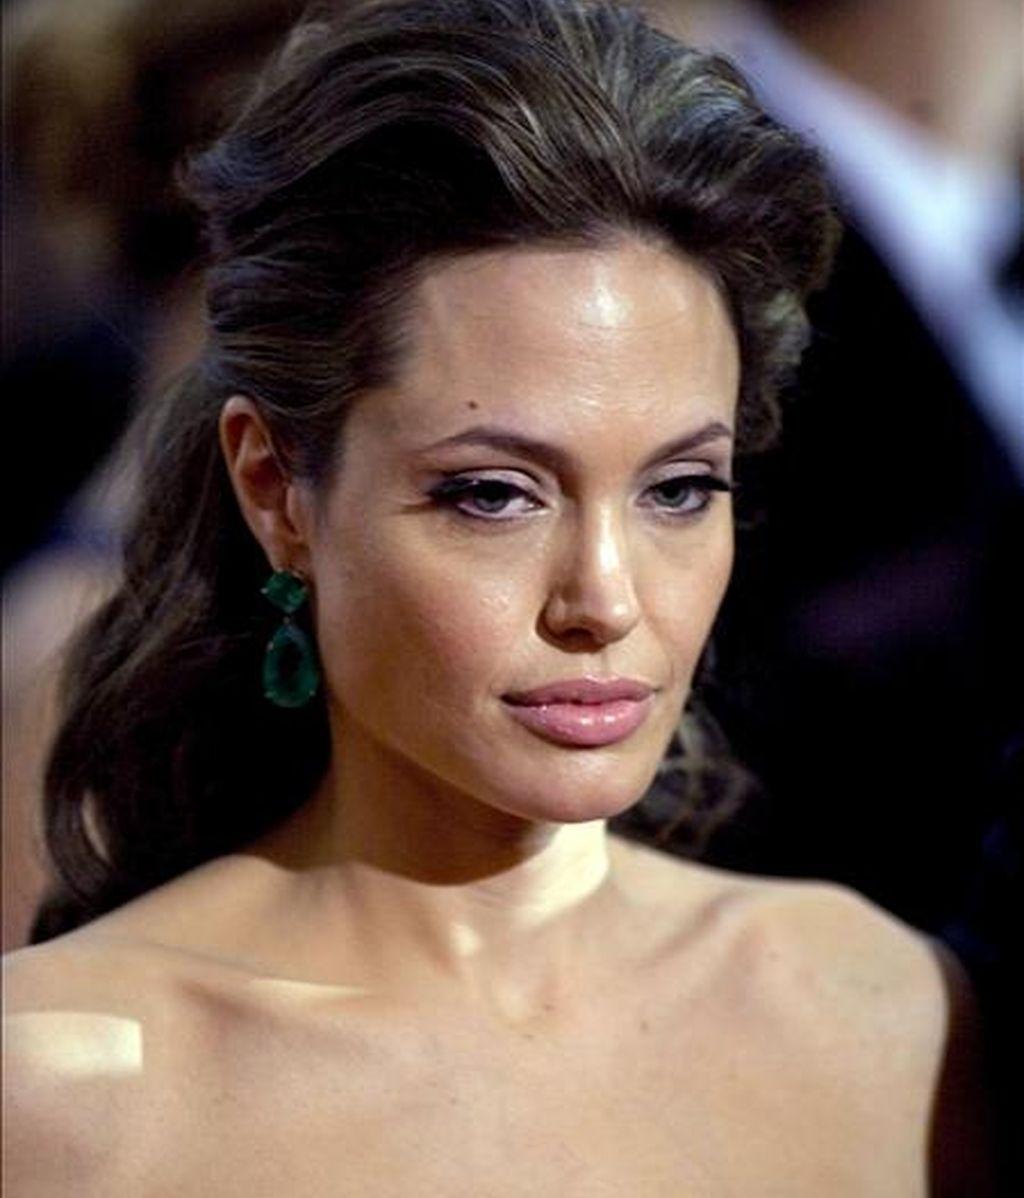 """La actriz estadounidense Angelina Jolie aseguró: """"No he hecho ninguna épica histórica de esa naturaleza y ella (Cleopatra) siempre ha sido fascinante."""". EFE/Archivo"""